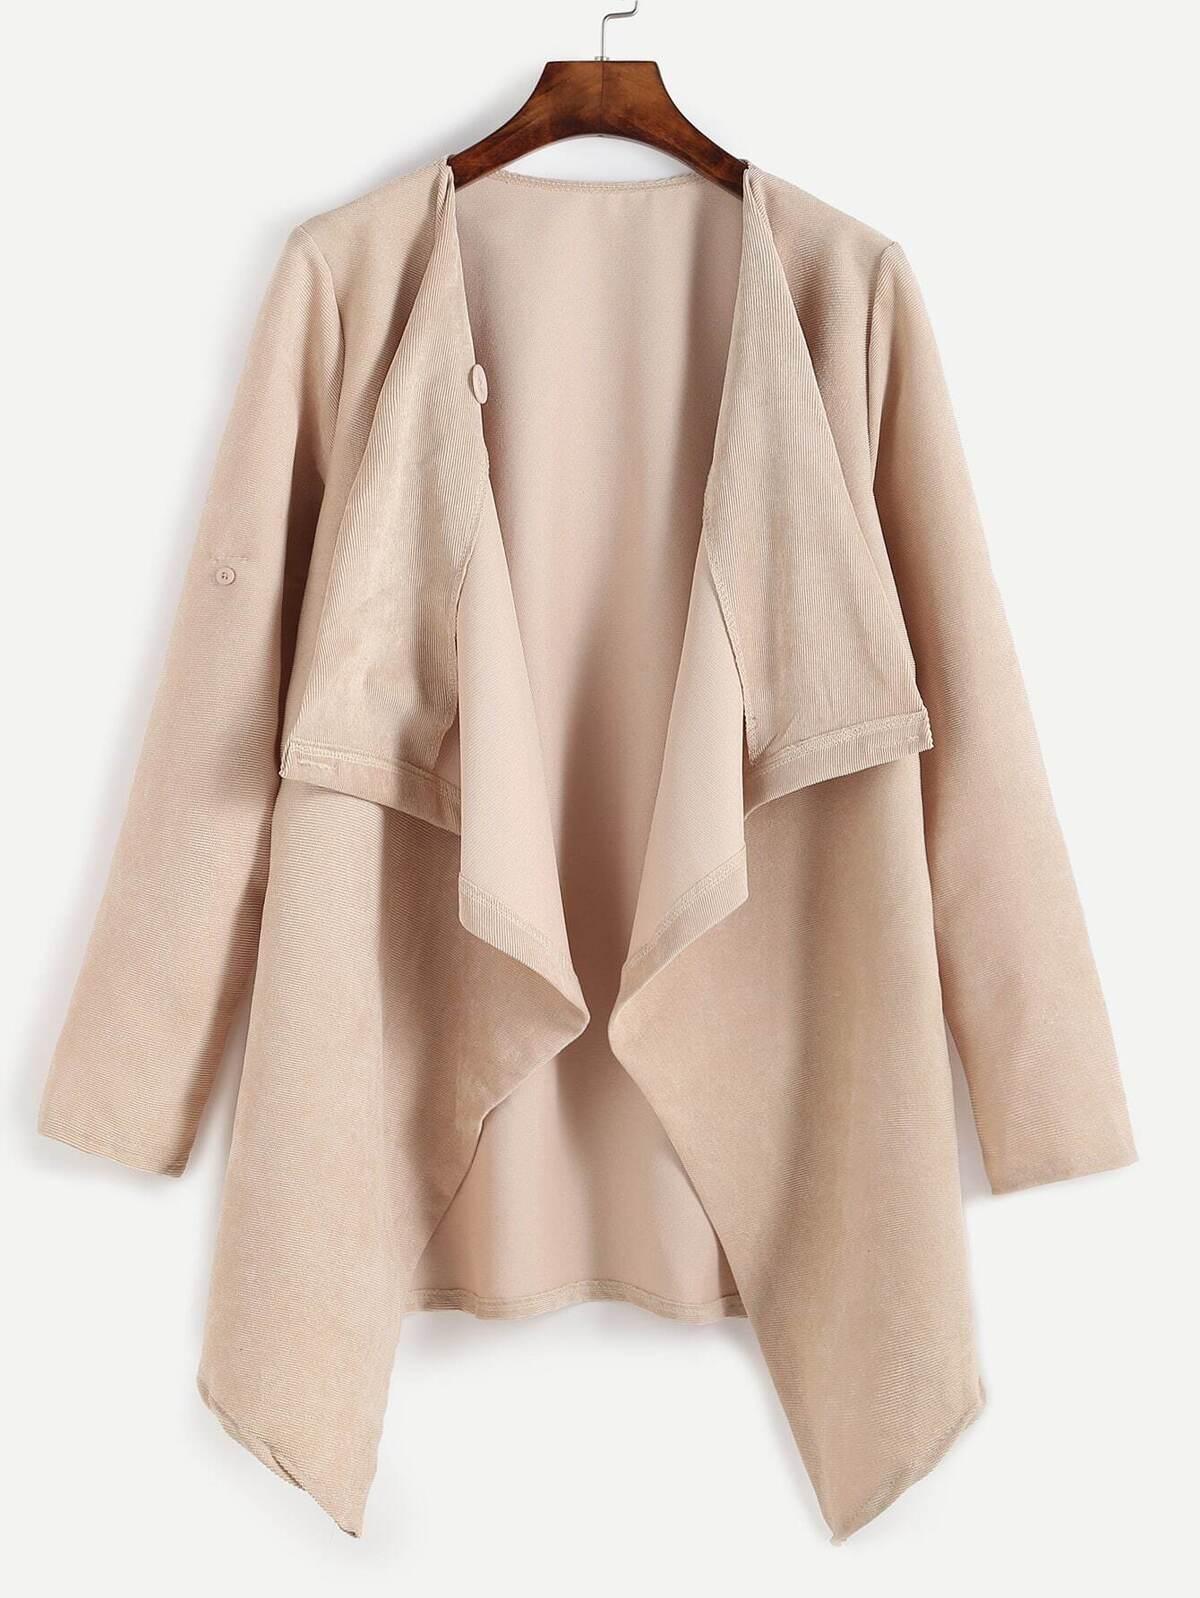 淺杏桃色  垂掛帶 正面 外套